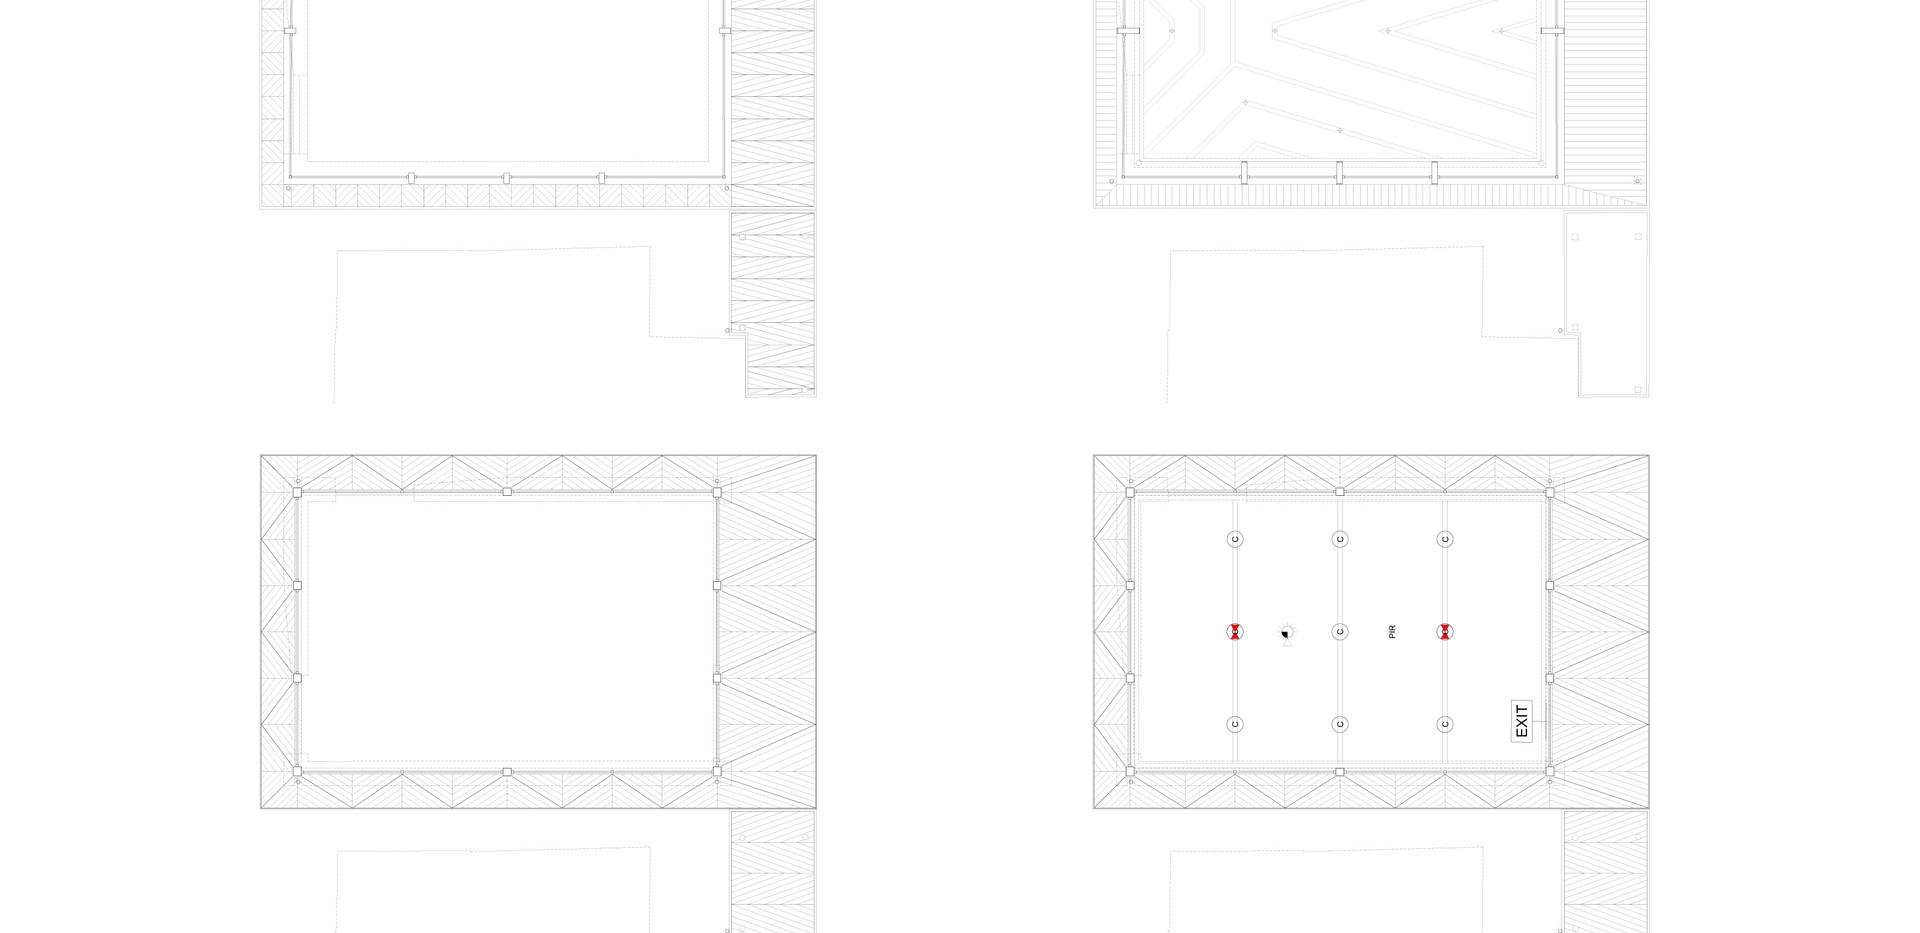 Proposed Interior ceiling design MPV